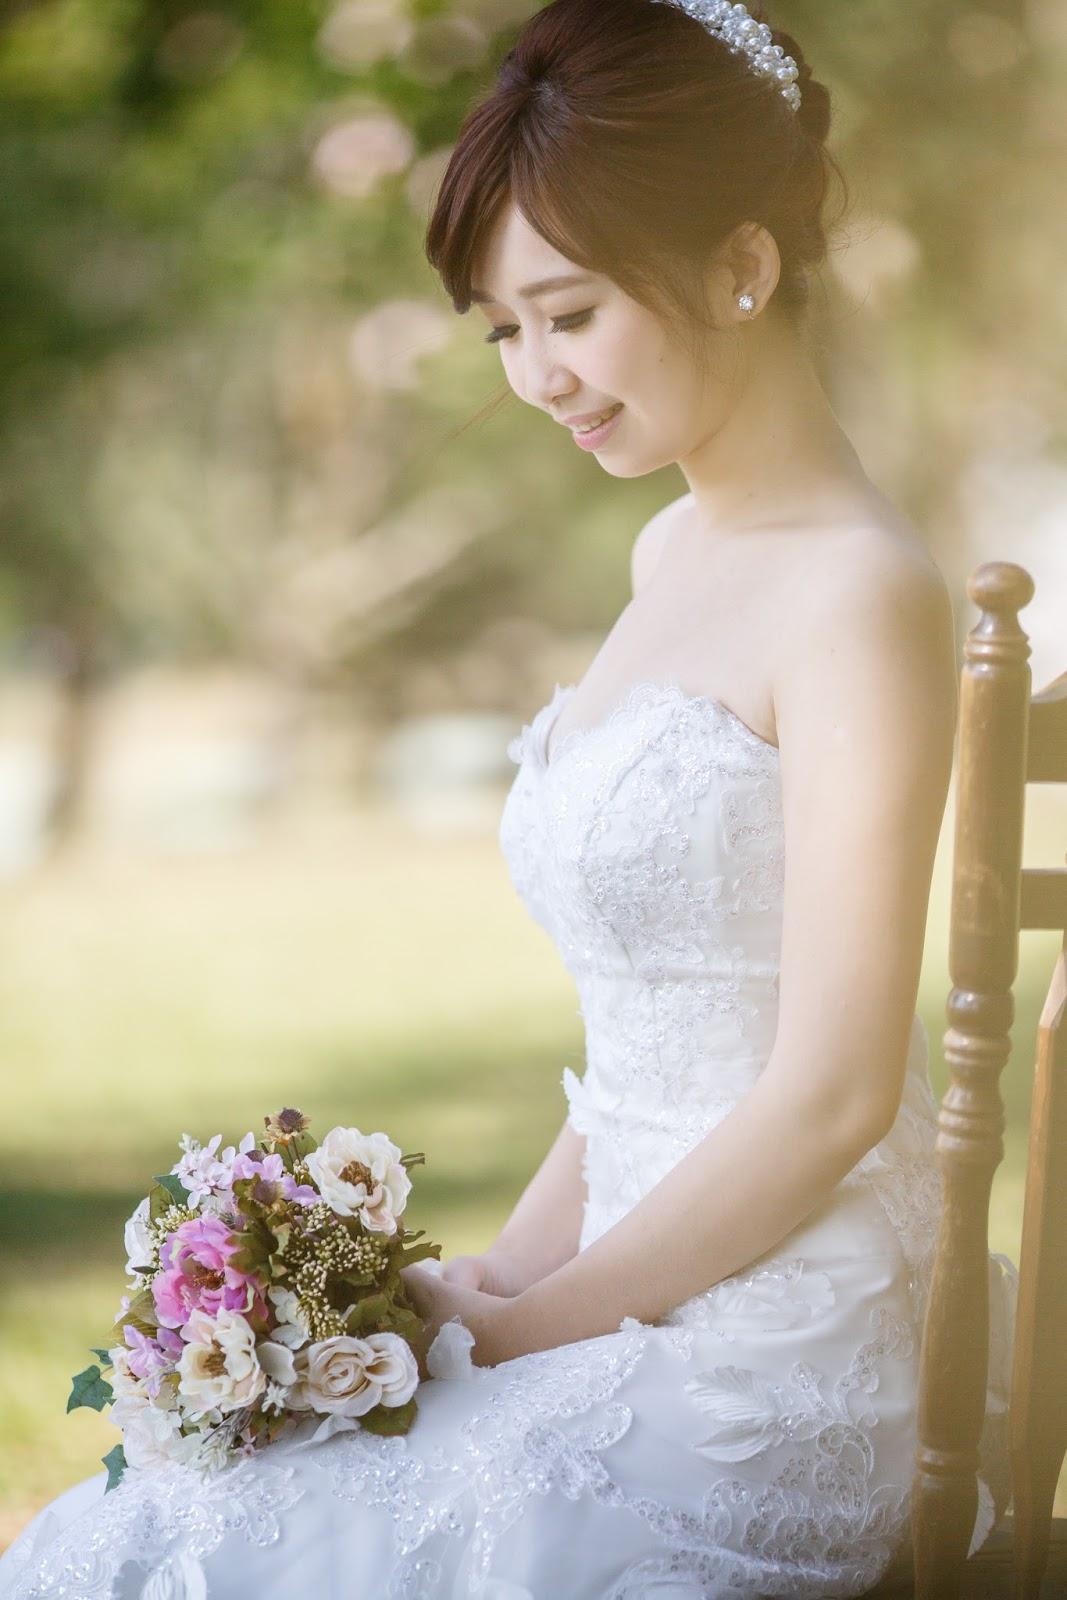 台中新秘, 自助婚紗, 婚紗造型, 新娘秘書, 新娘造型, 新秘阿桂Dabby, 新秘推薦,